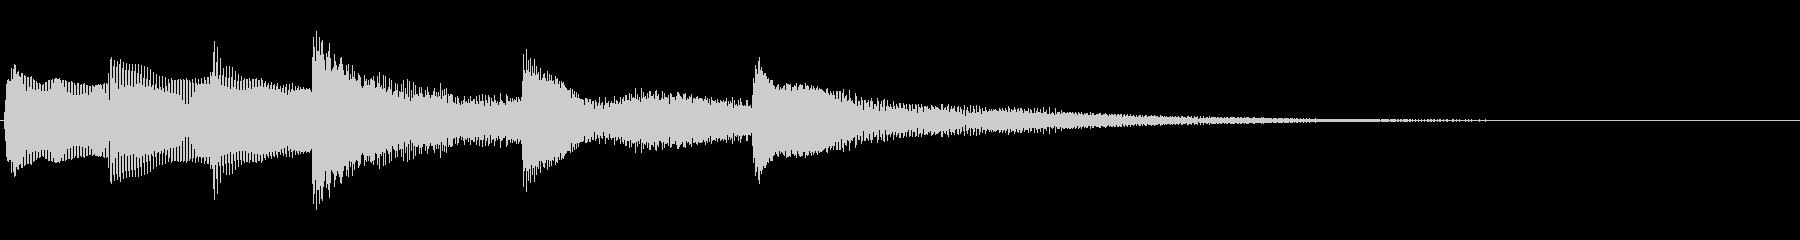 【生演奏】明るいピアノジングルの未再生の波形